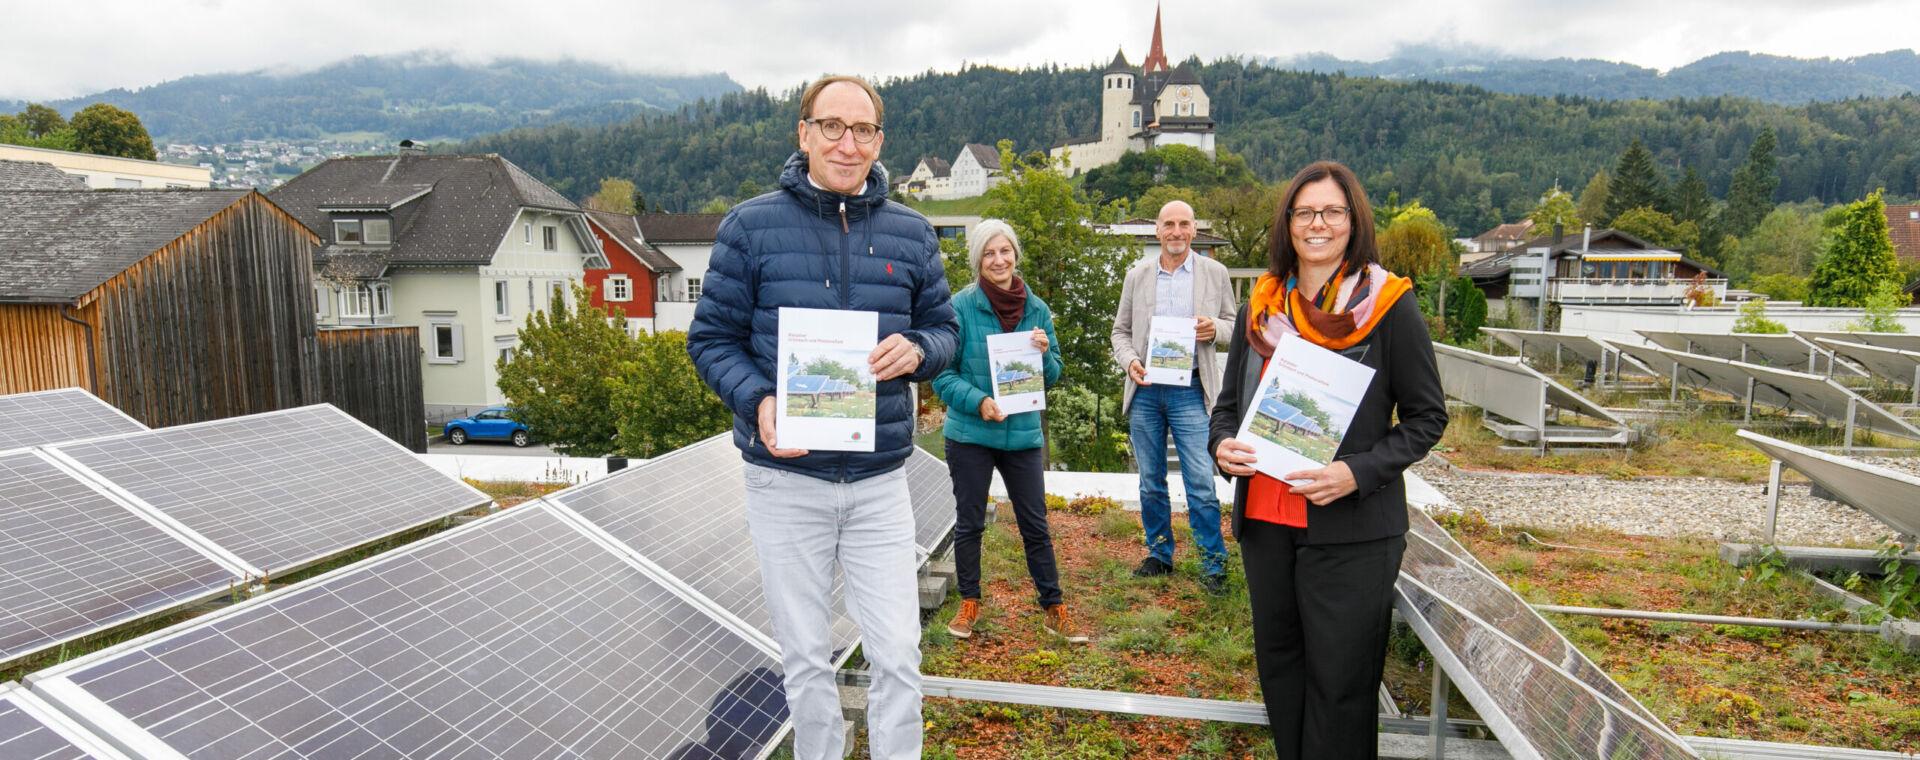 Energieinstituts-Obmann Johannes Rauch präsentiert mit Rankweils Bürgermeisterin Katharina Wäss-Krall den neuen Ratgeber PV und Gründach. Bild: Bernd Hofmeister